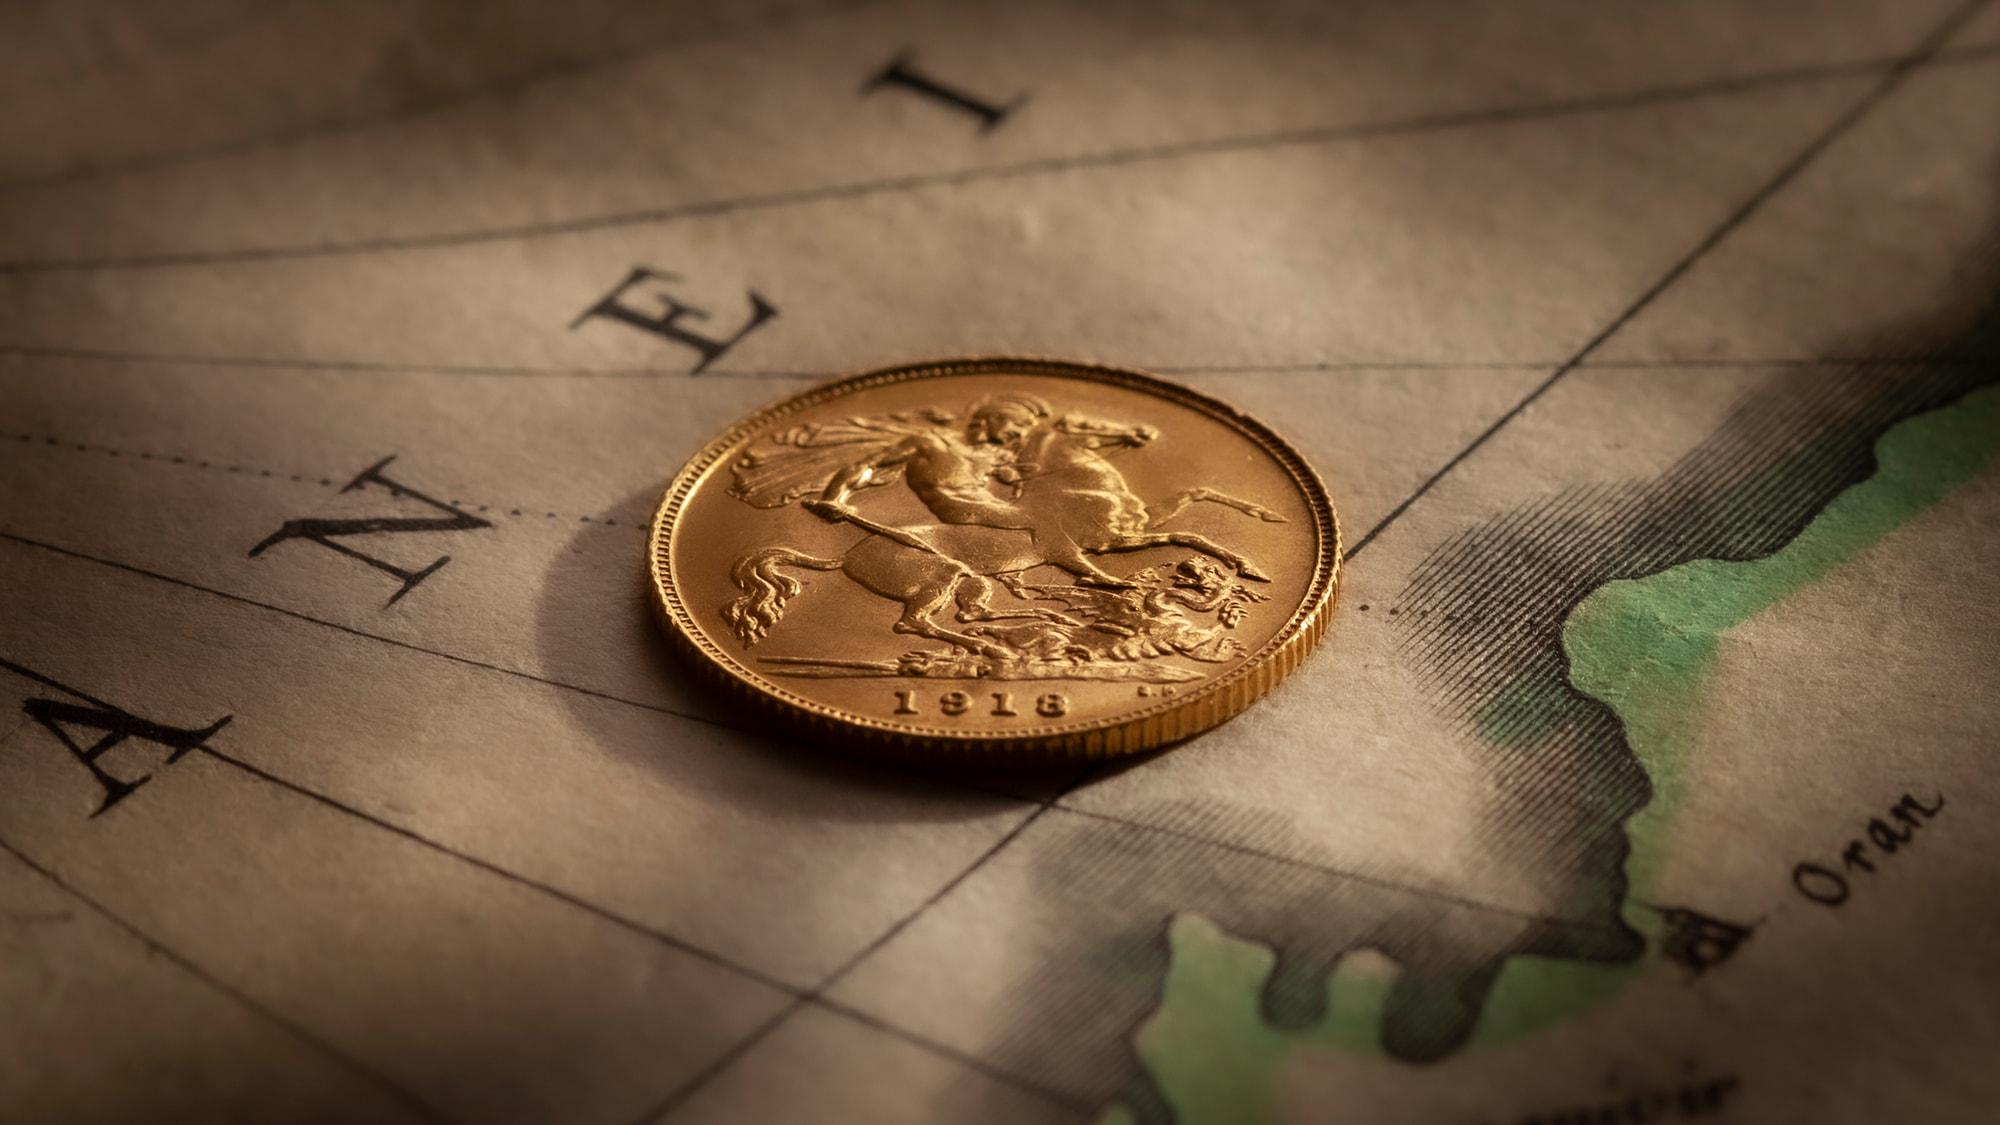 1918-Perth-Mint-Half-Sovereign-Rev-42963-October-2021